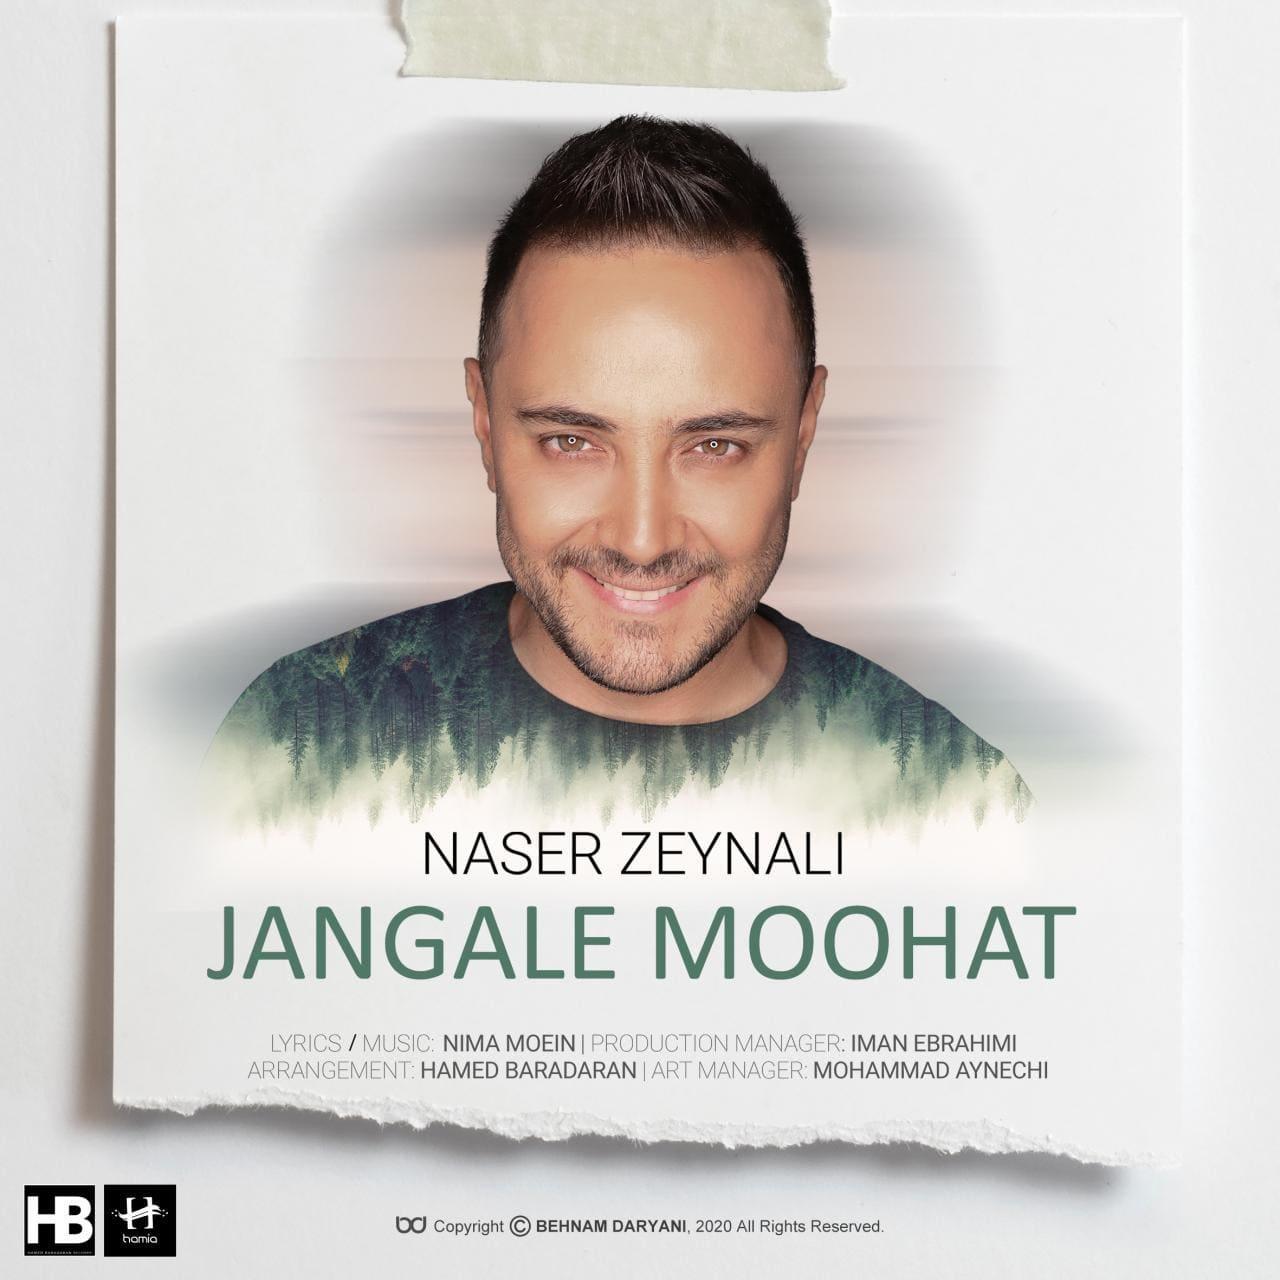 ناصر زینلی - جنگل موهات